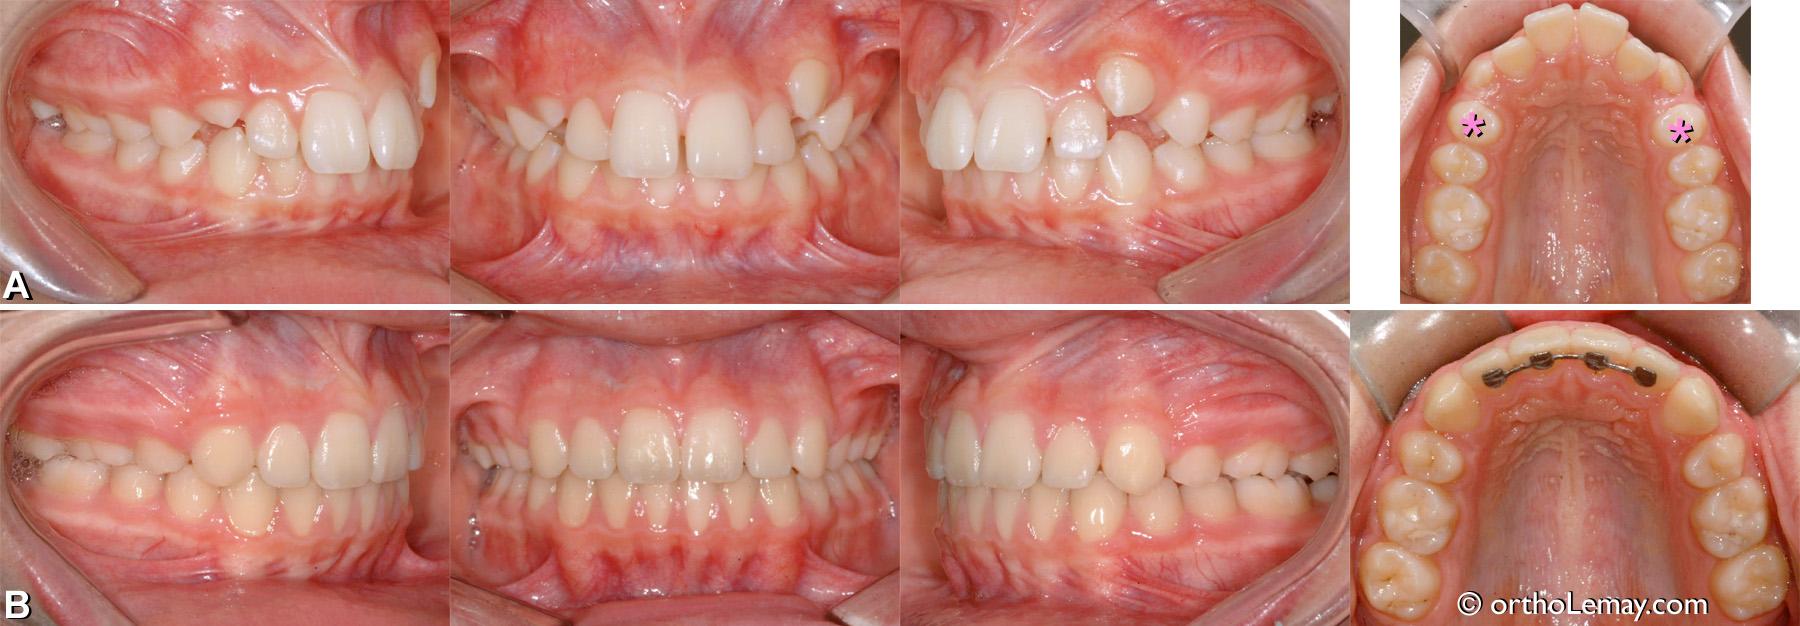 Malocclusion classe 2 division 1 traitée en orthodontie avec l'extraction de 2 prémolaires.